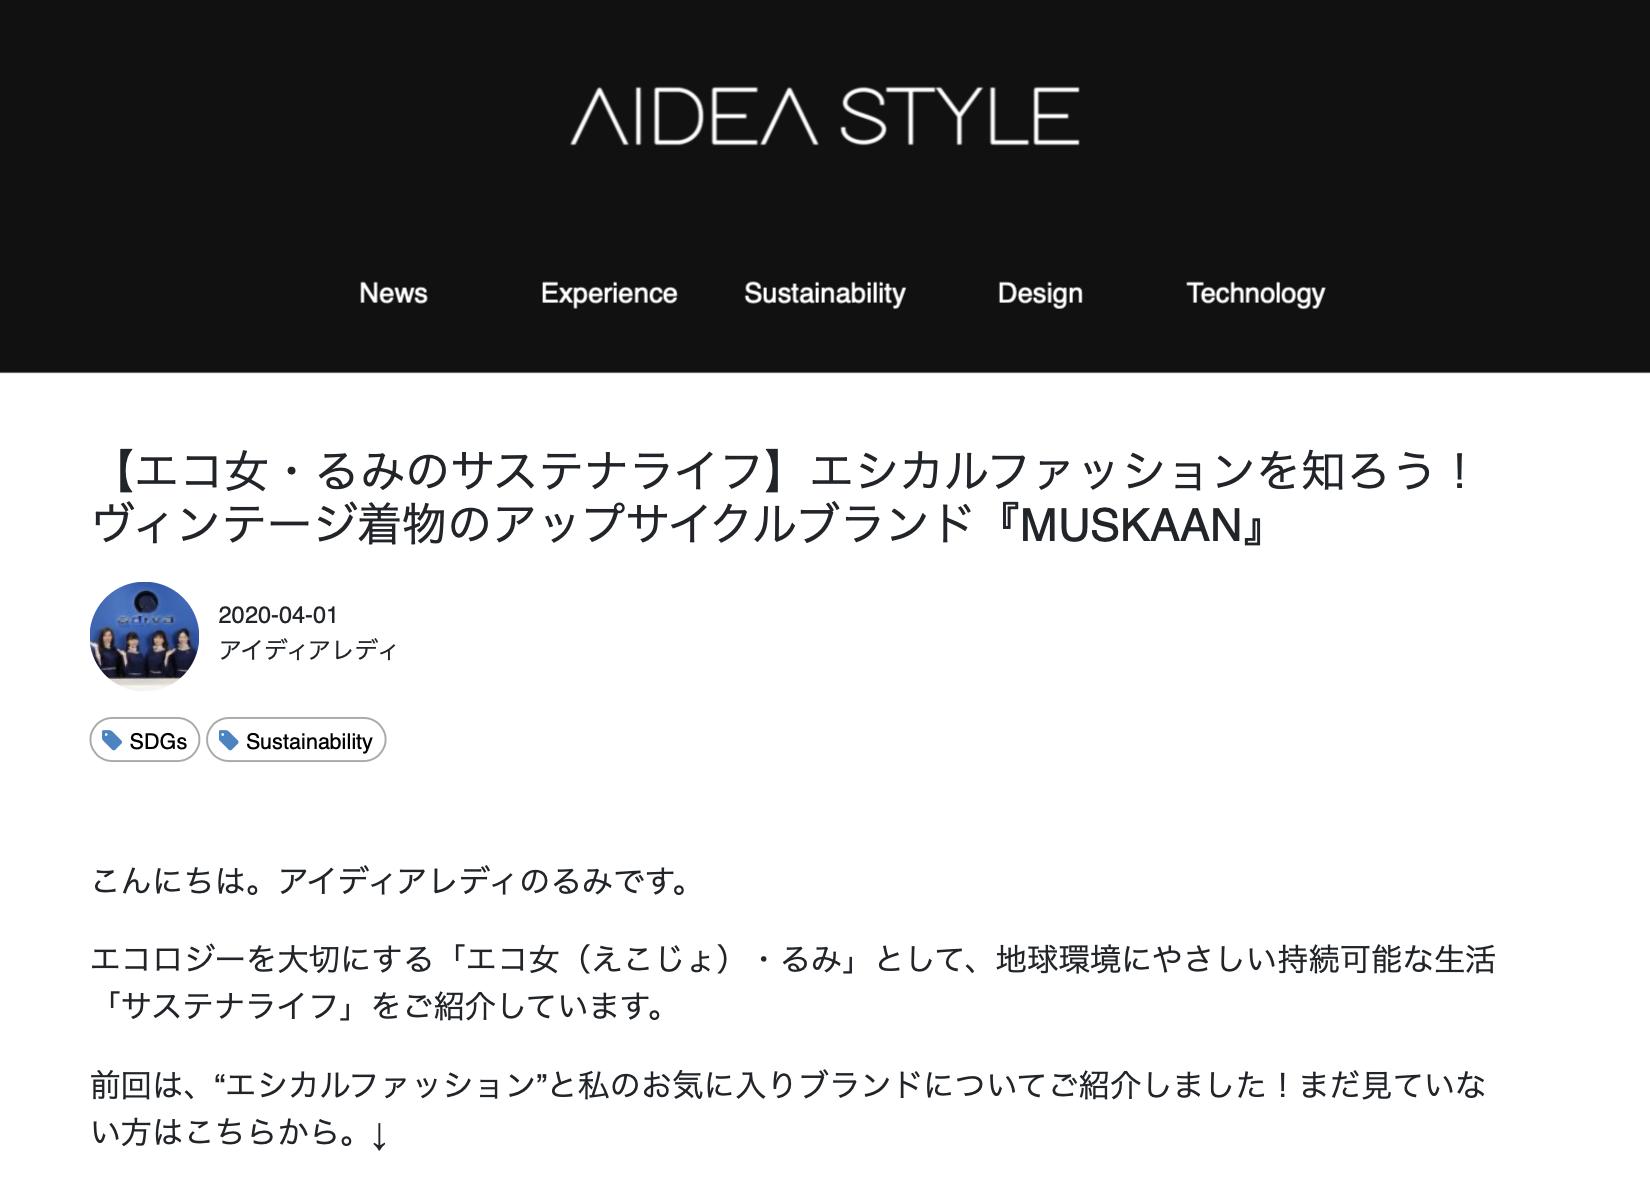 【WEBメディア掲載】AIDEA STYLE